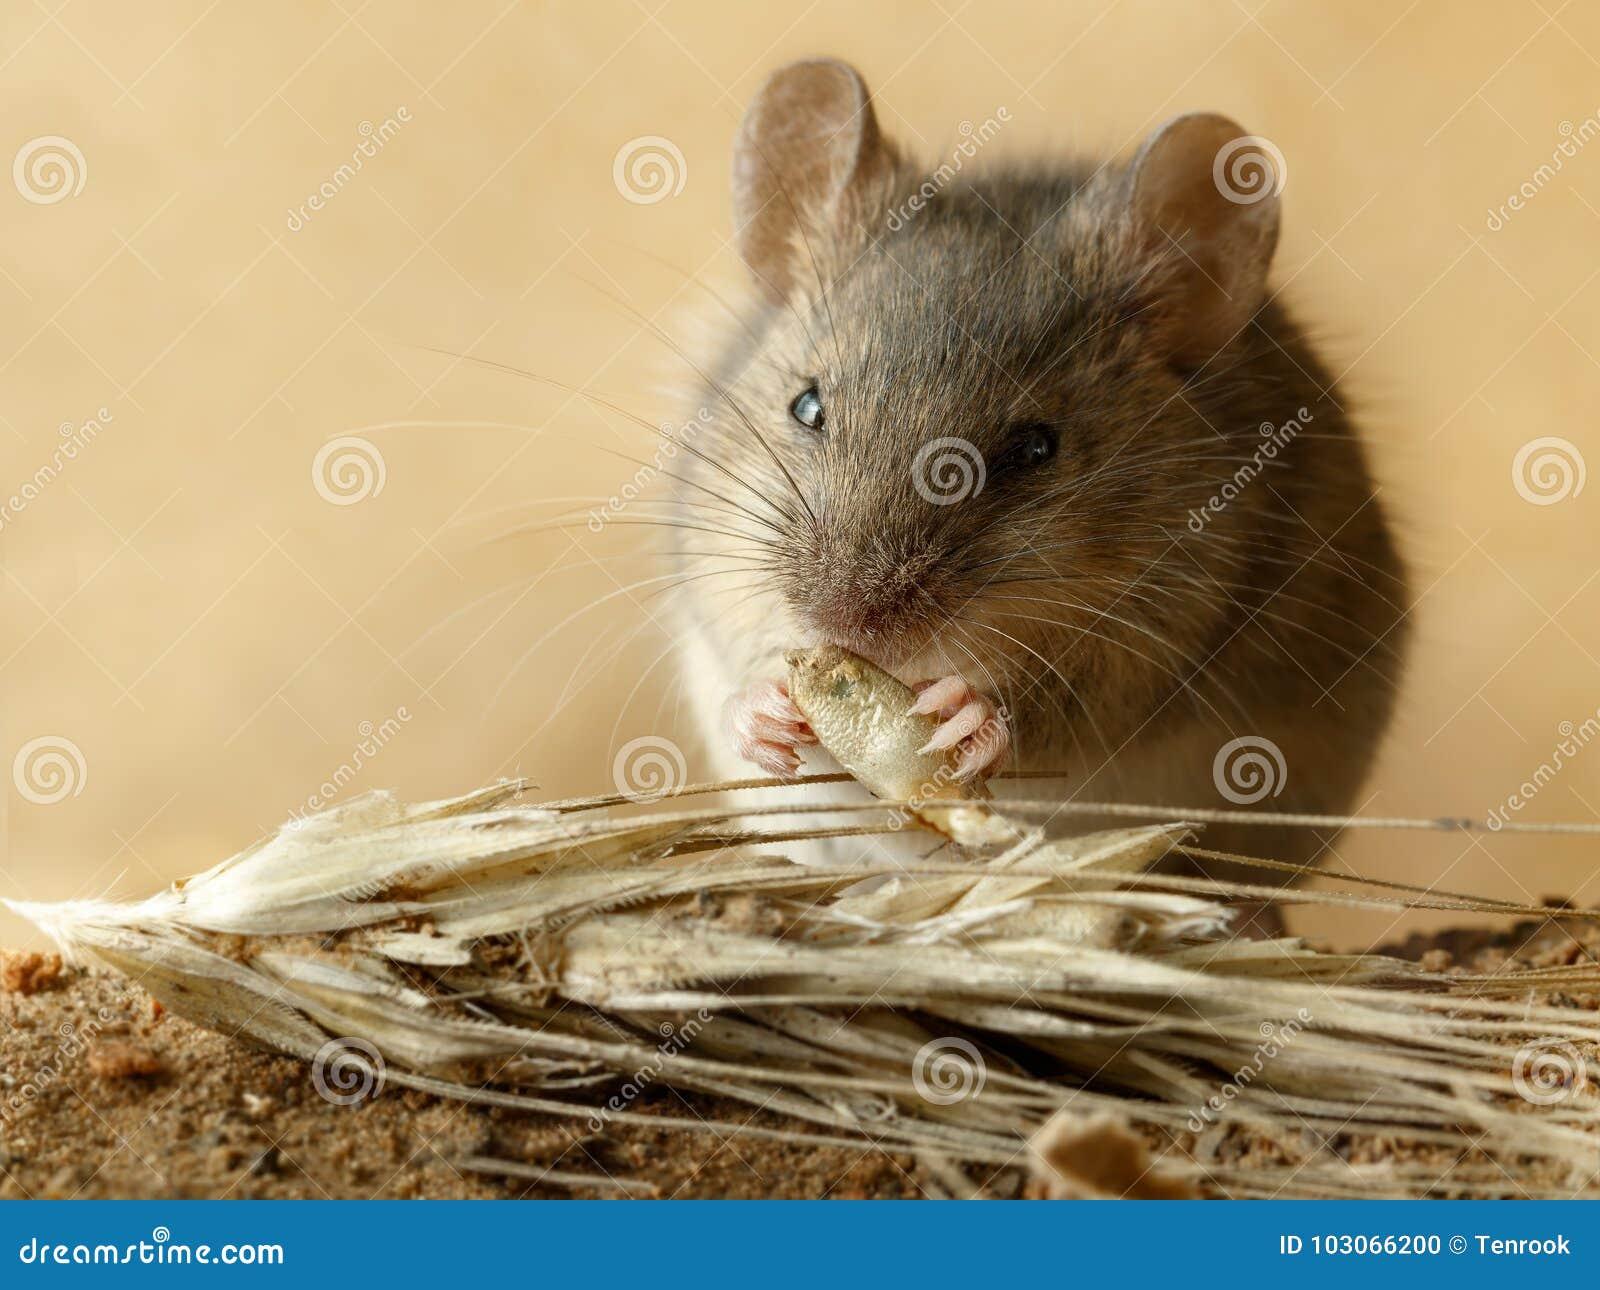 Isst kleine Wühlmausmaus der Nahaufnahme Korn des Roggens nahe Ährchen des Roggens auf dem Feld